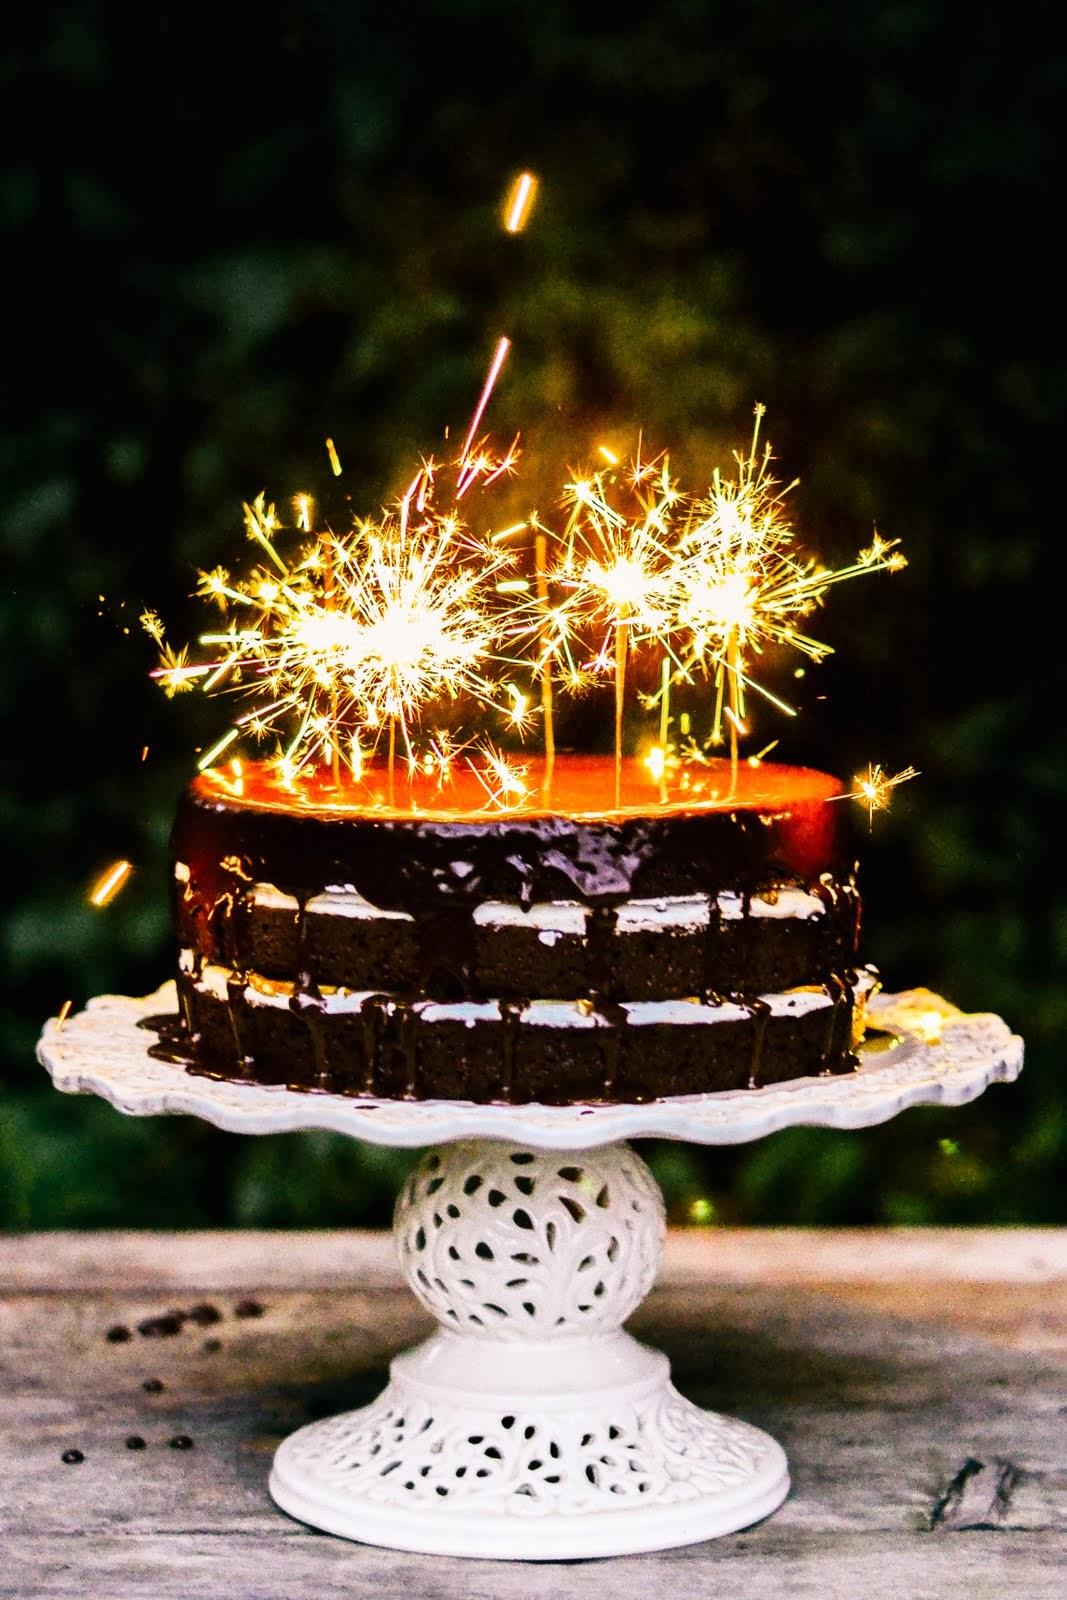 mocha+bday+cake-17.jpg